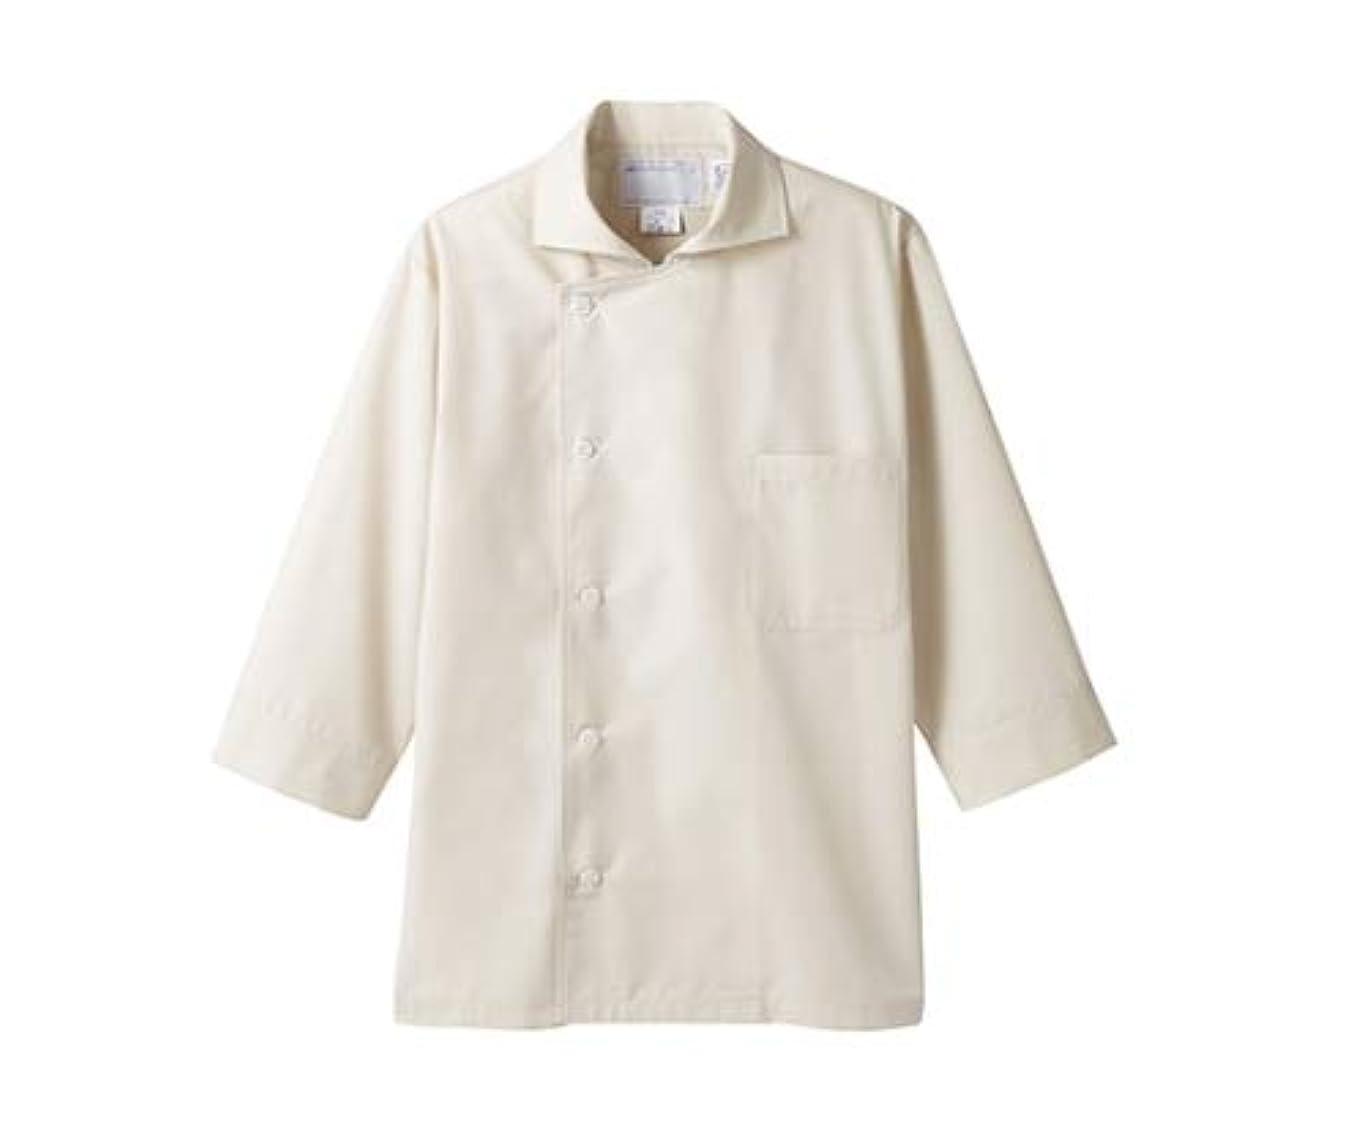 ボトルネック縫うロックコックシャツ兼用 7分袖 ベージュ エコ/61-6092-88